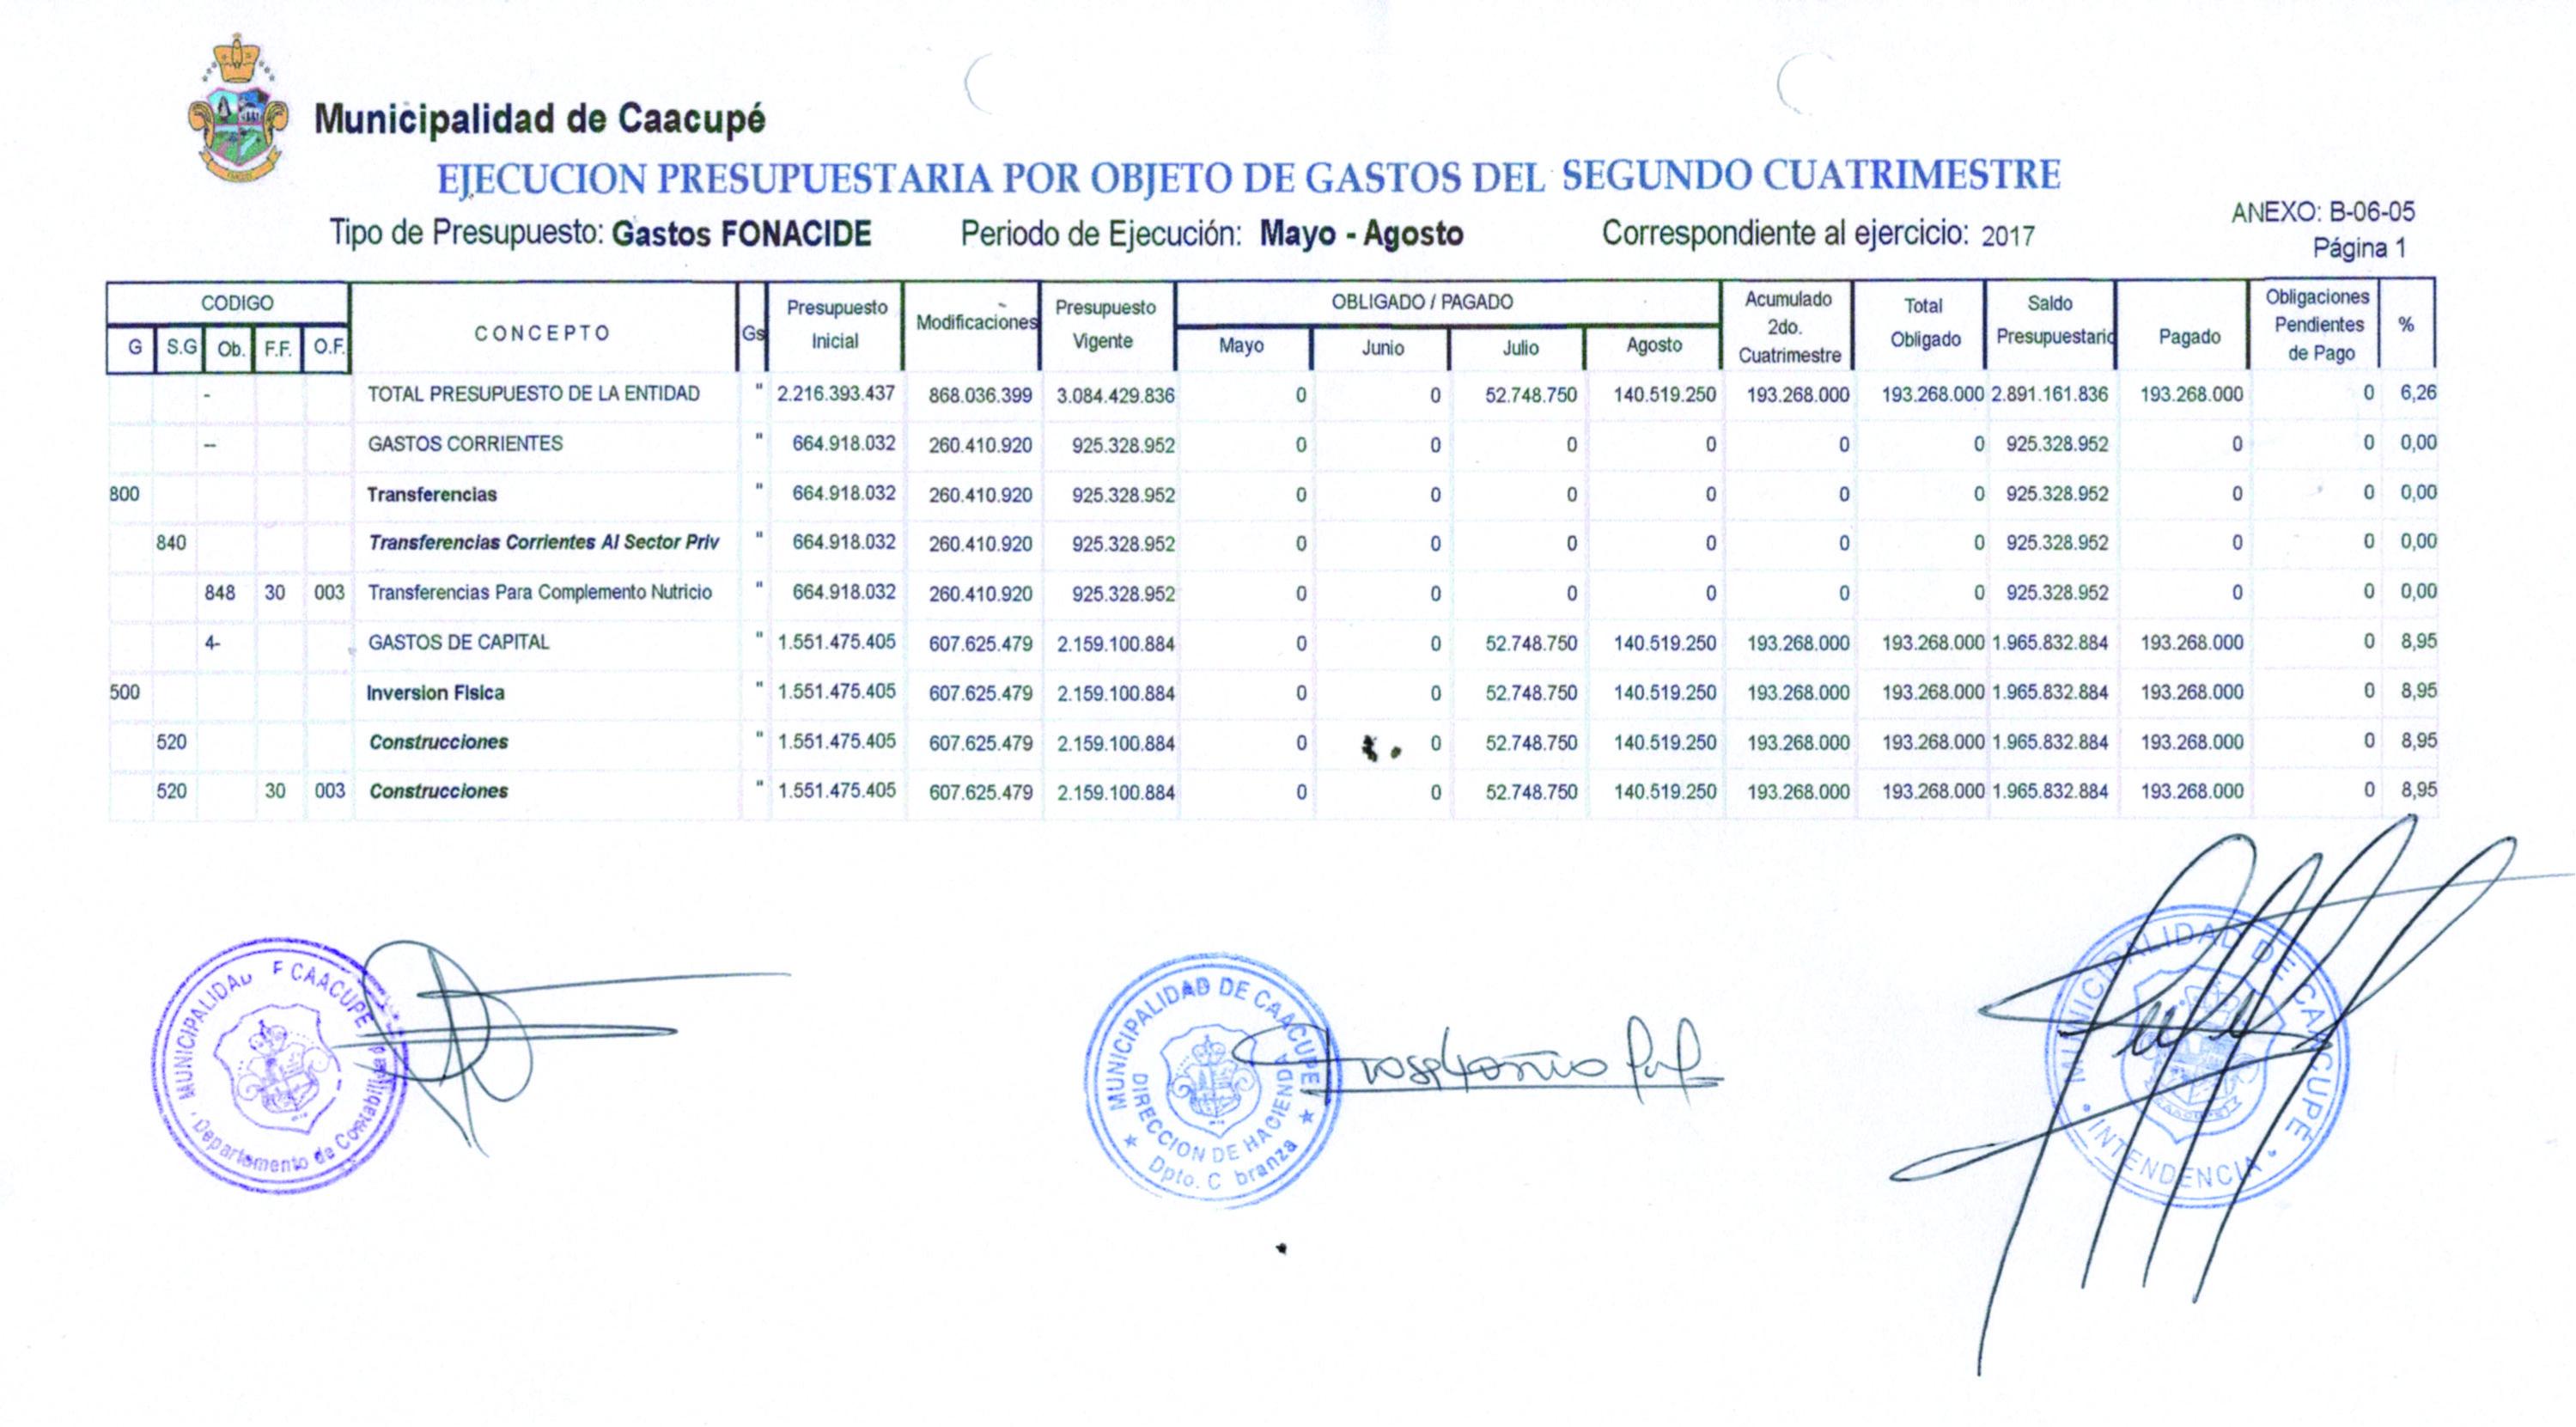 EJECUCION GASTOS FONACIDE - SEGUNDO CUATRIMESTRE 2017